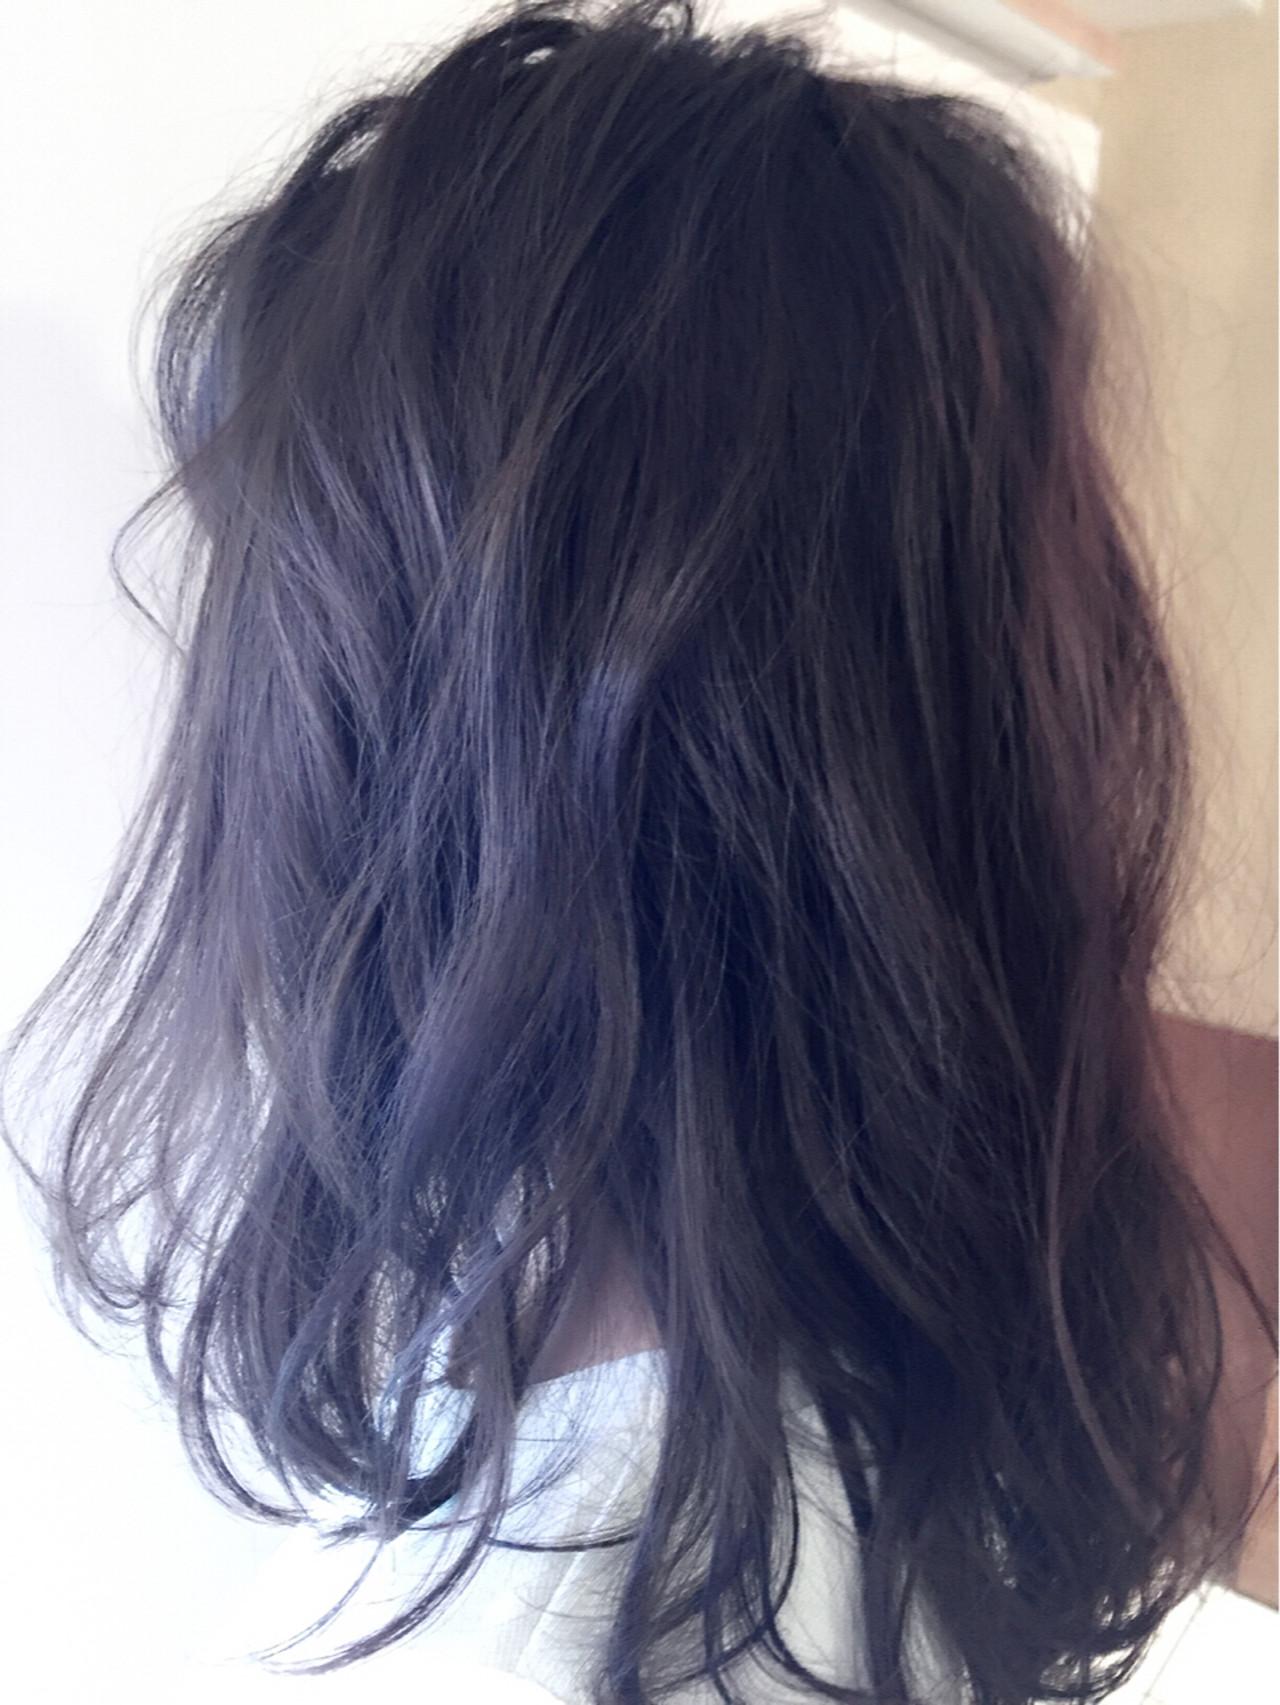 外国人風 ストリート アッシュ 暗髪 ヘアスタイルや髪型の写真・画像 | 東 和樹 / Neolive square